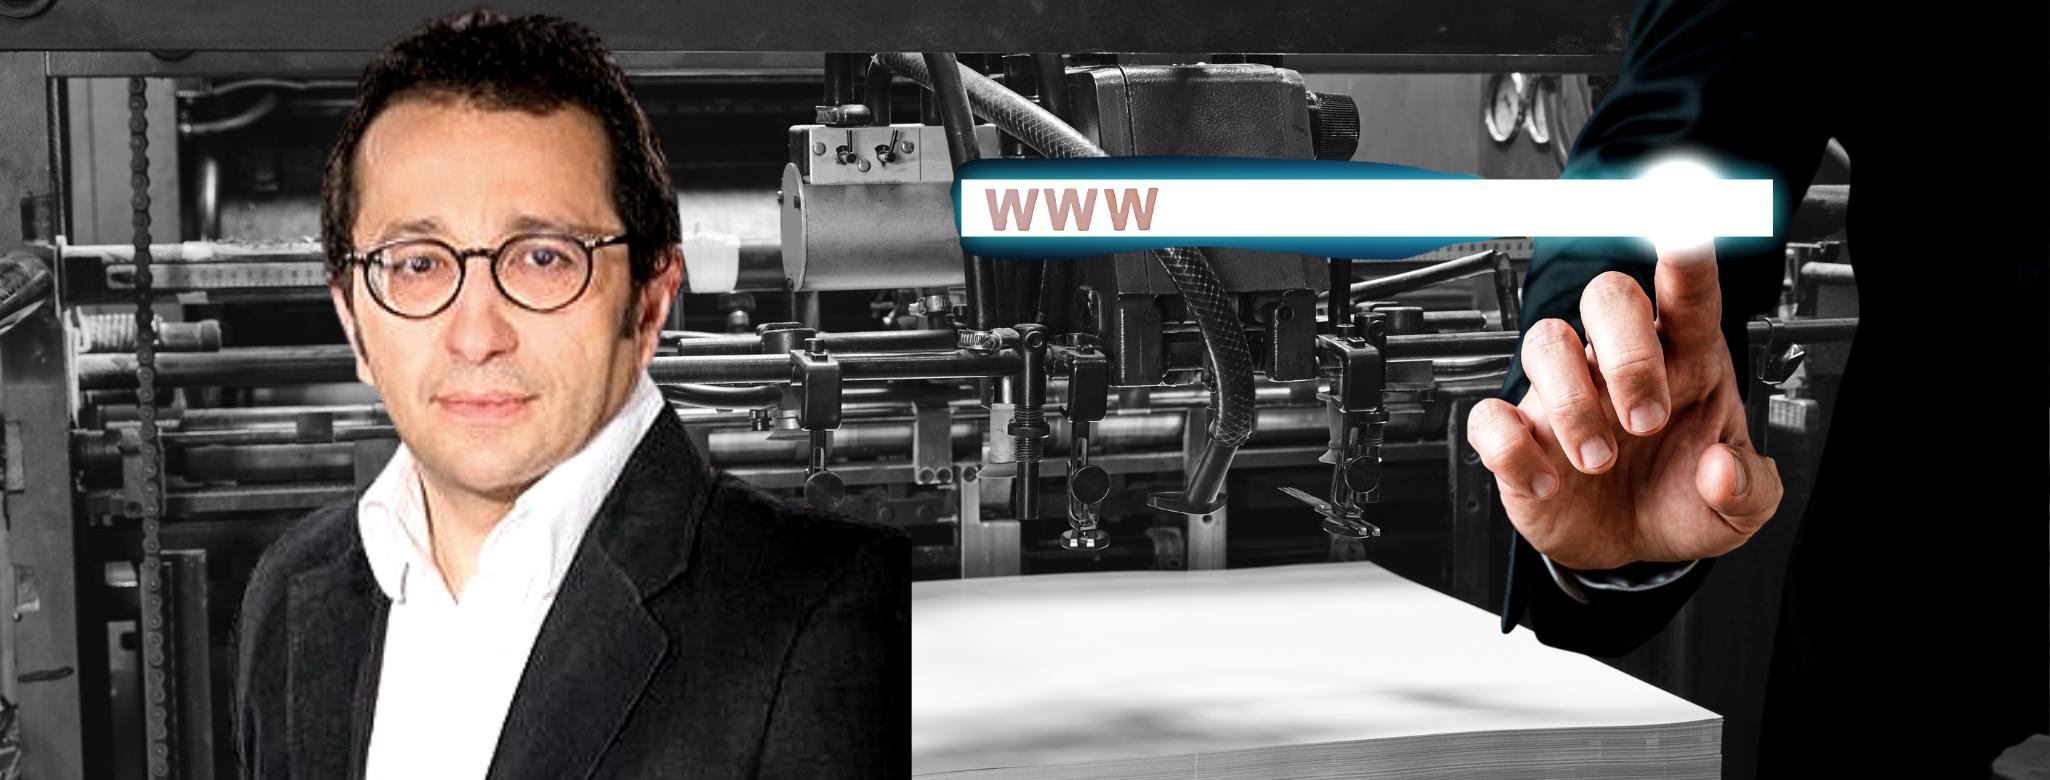 """Serge Leblal (Le Monde Informatique) : """"J'ai toujours trouvé que le papier et le web étaient complémentaires"""""""